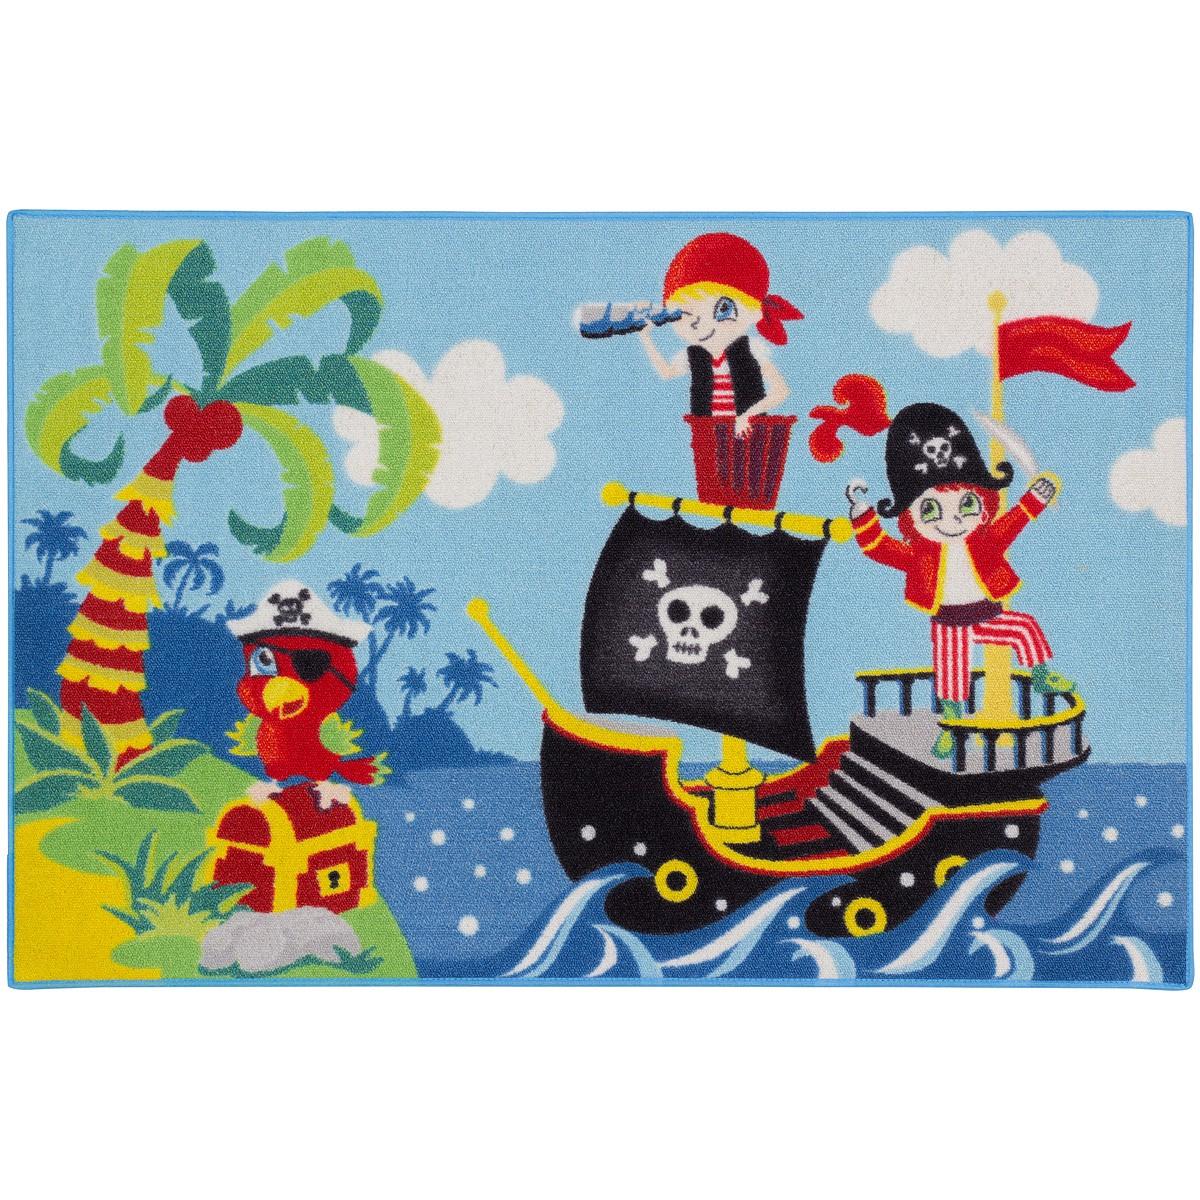 teppich kinderteppich piraten piratenschiff spielteppich. Black Bedroom Furniture Sets. Home Design Ideas